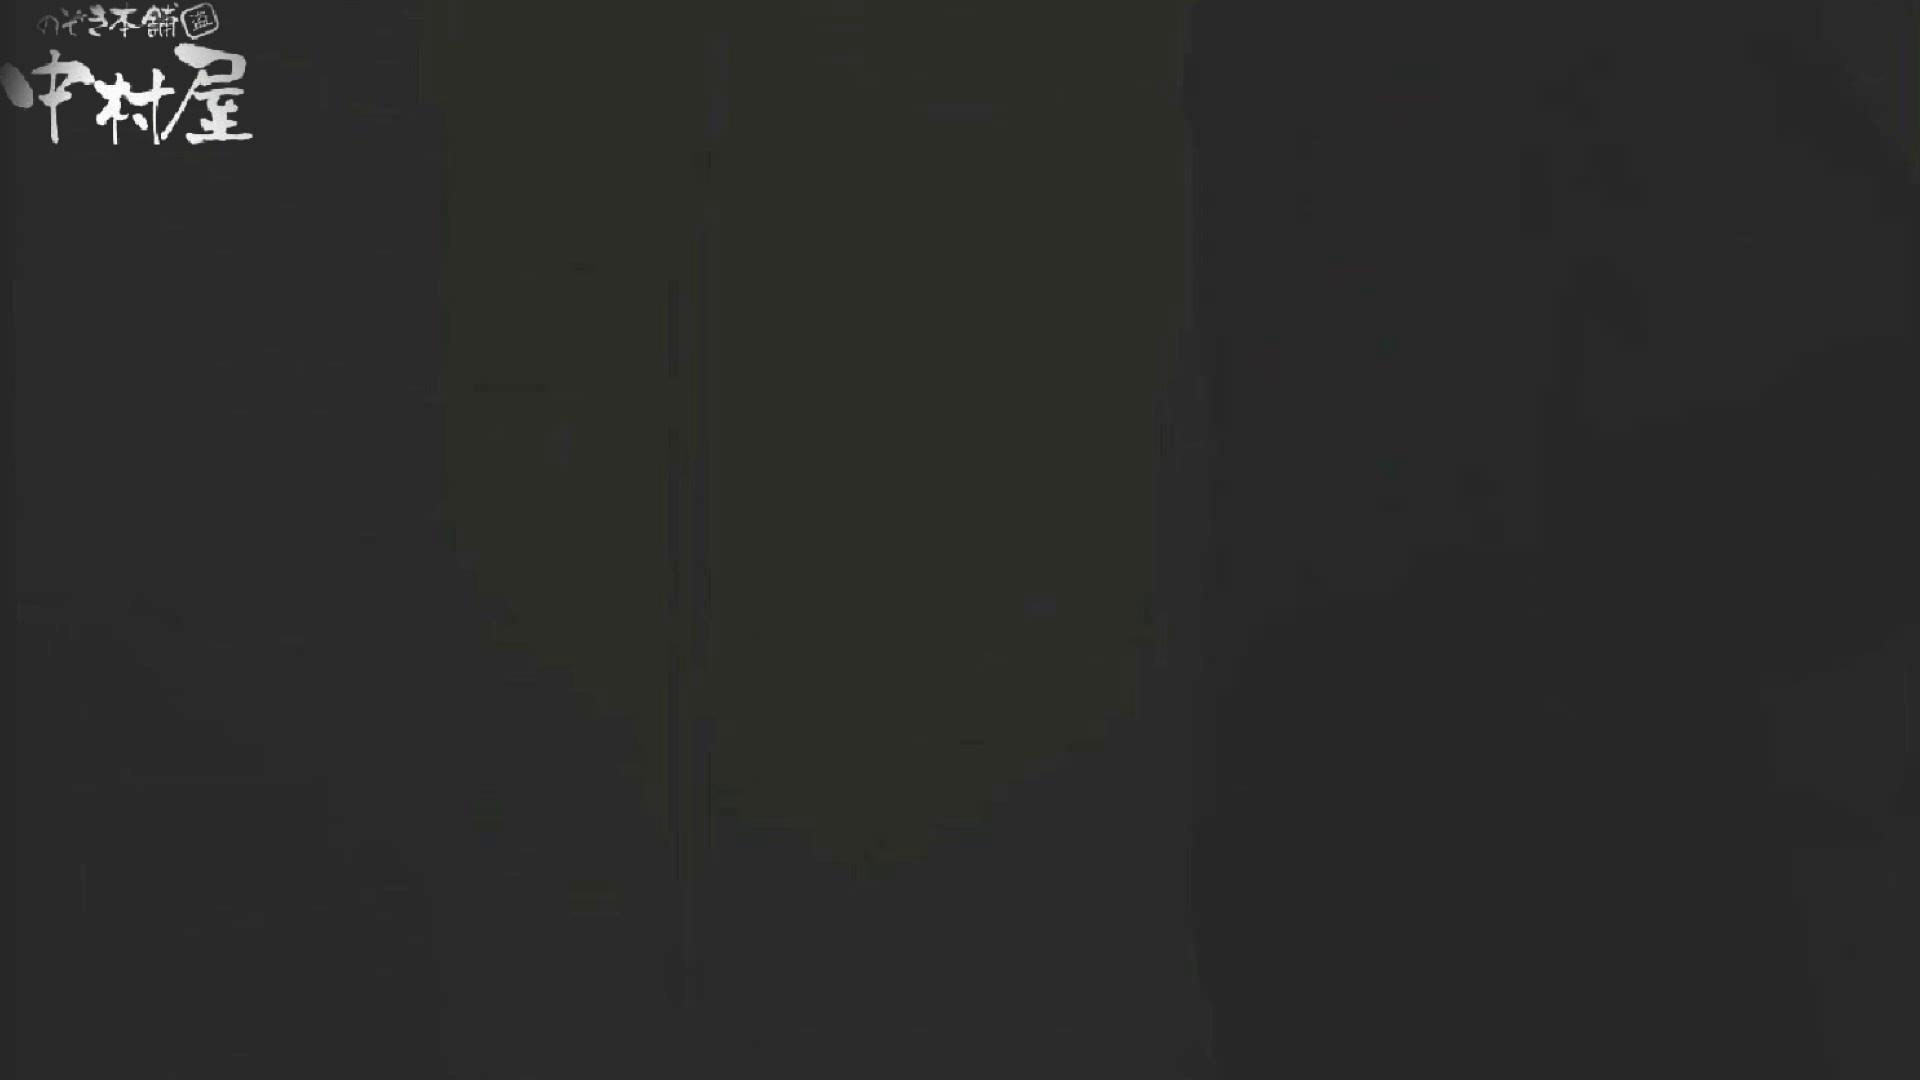 お漏らし寸前デパトイレ盗撮!Vol.12 盗撮 エロ画像 108連発 74